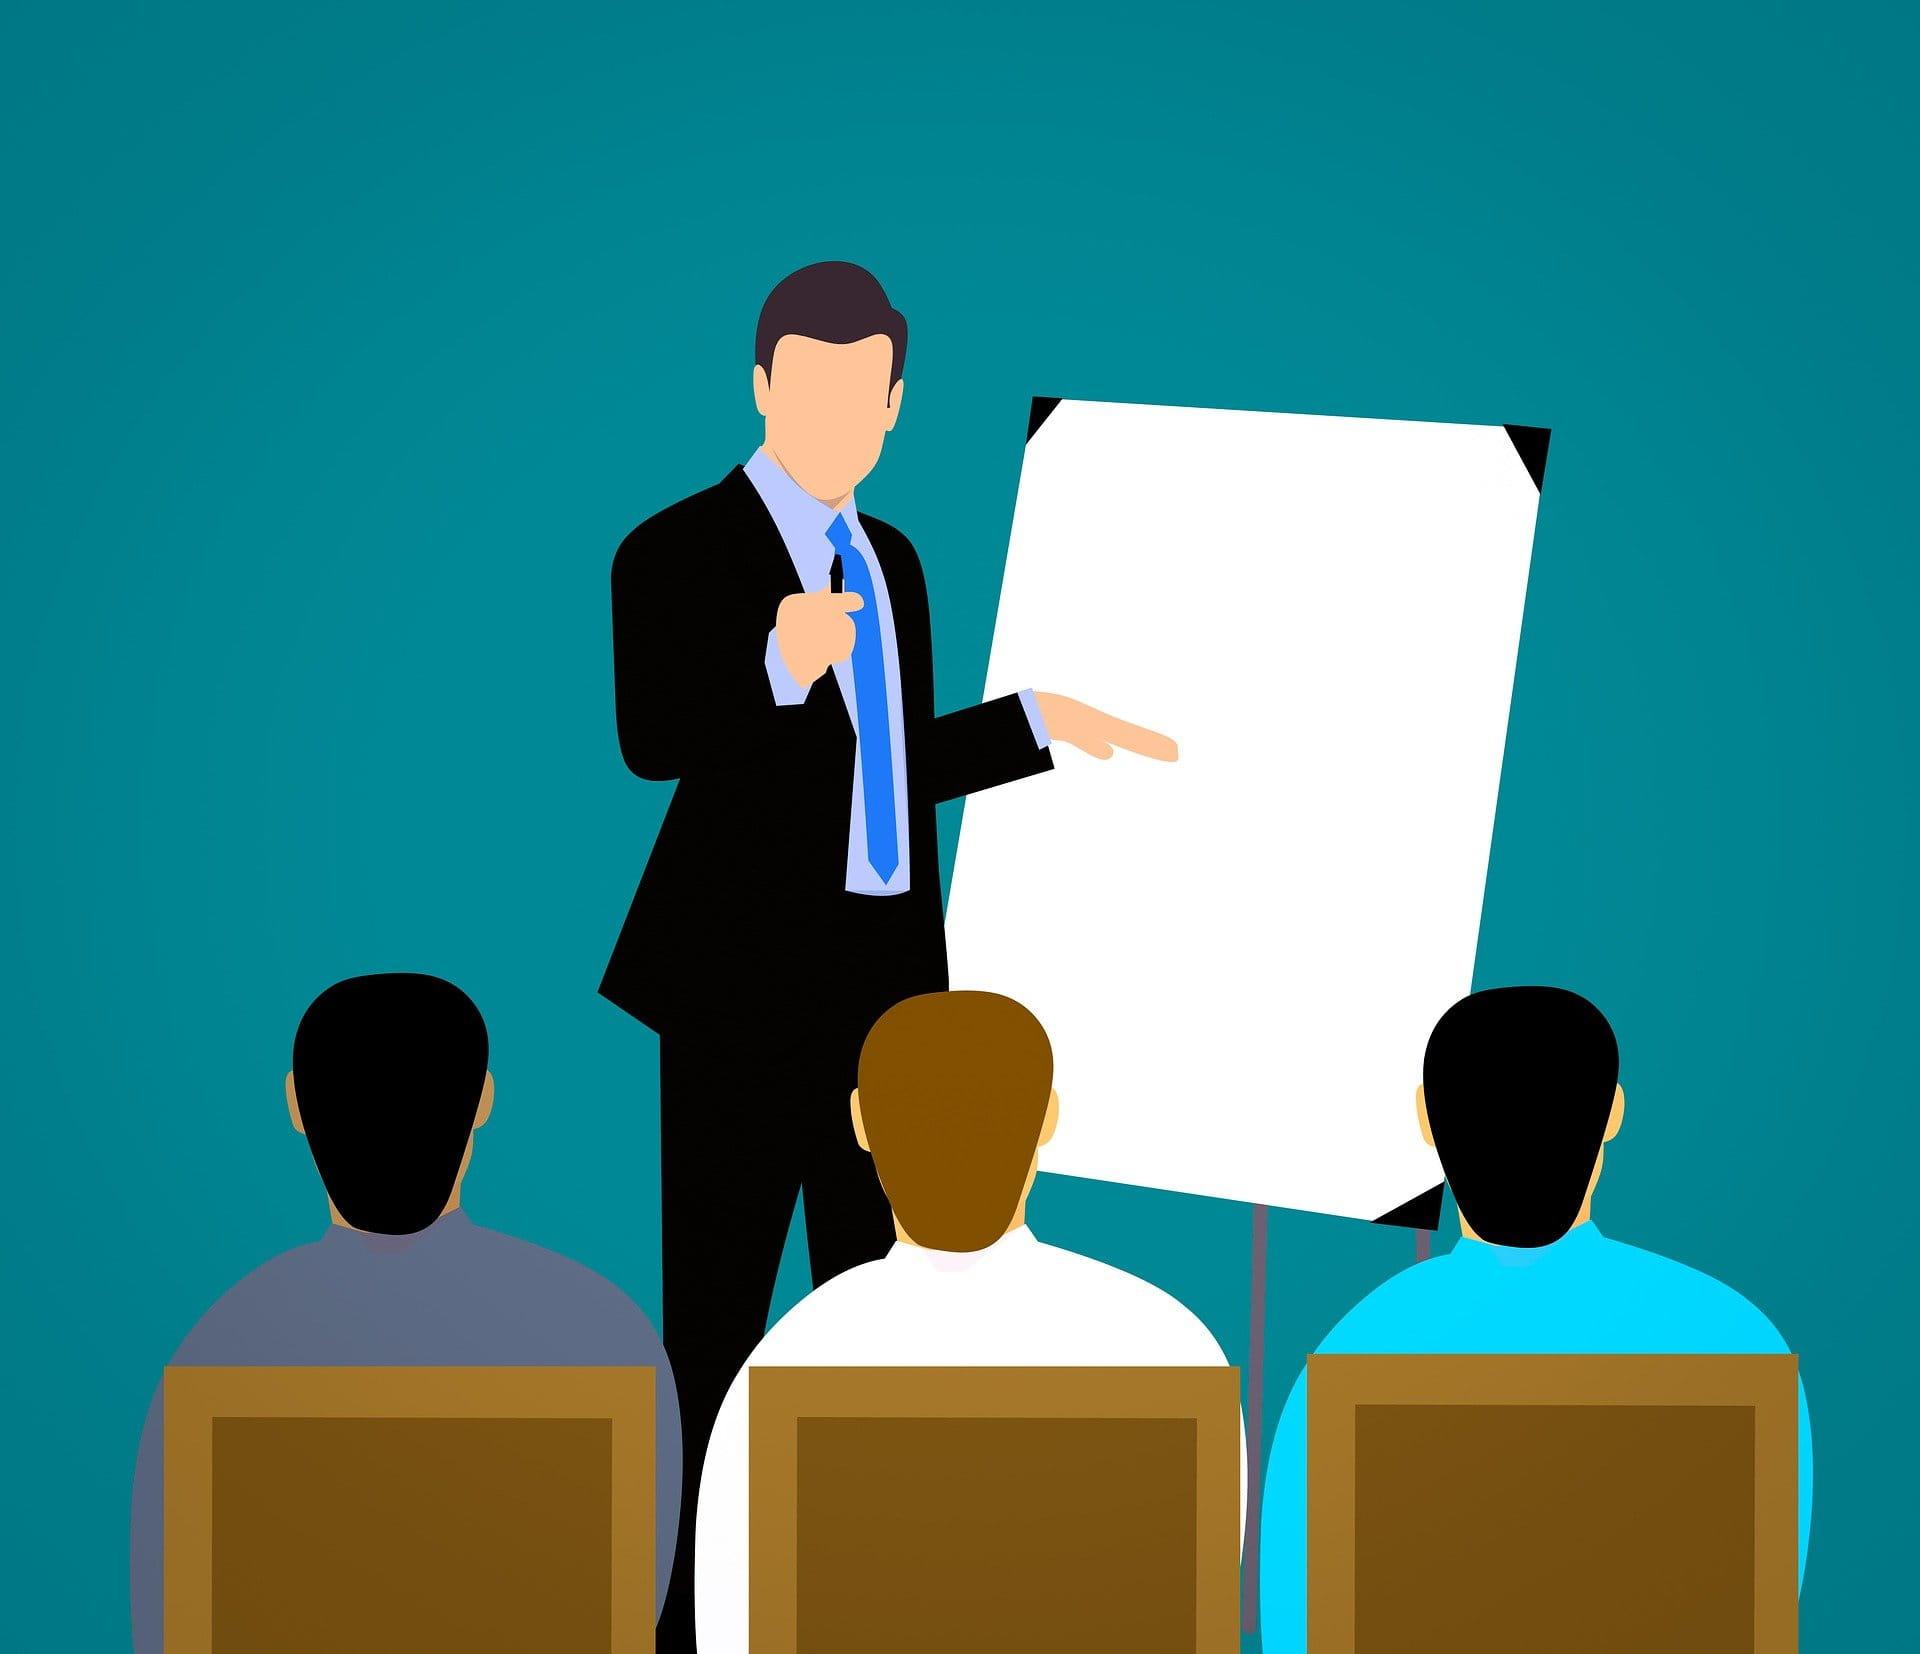 Professional & expert meet